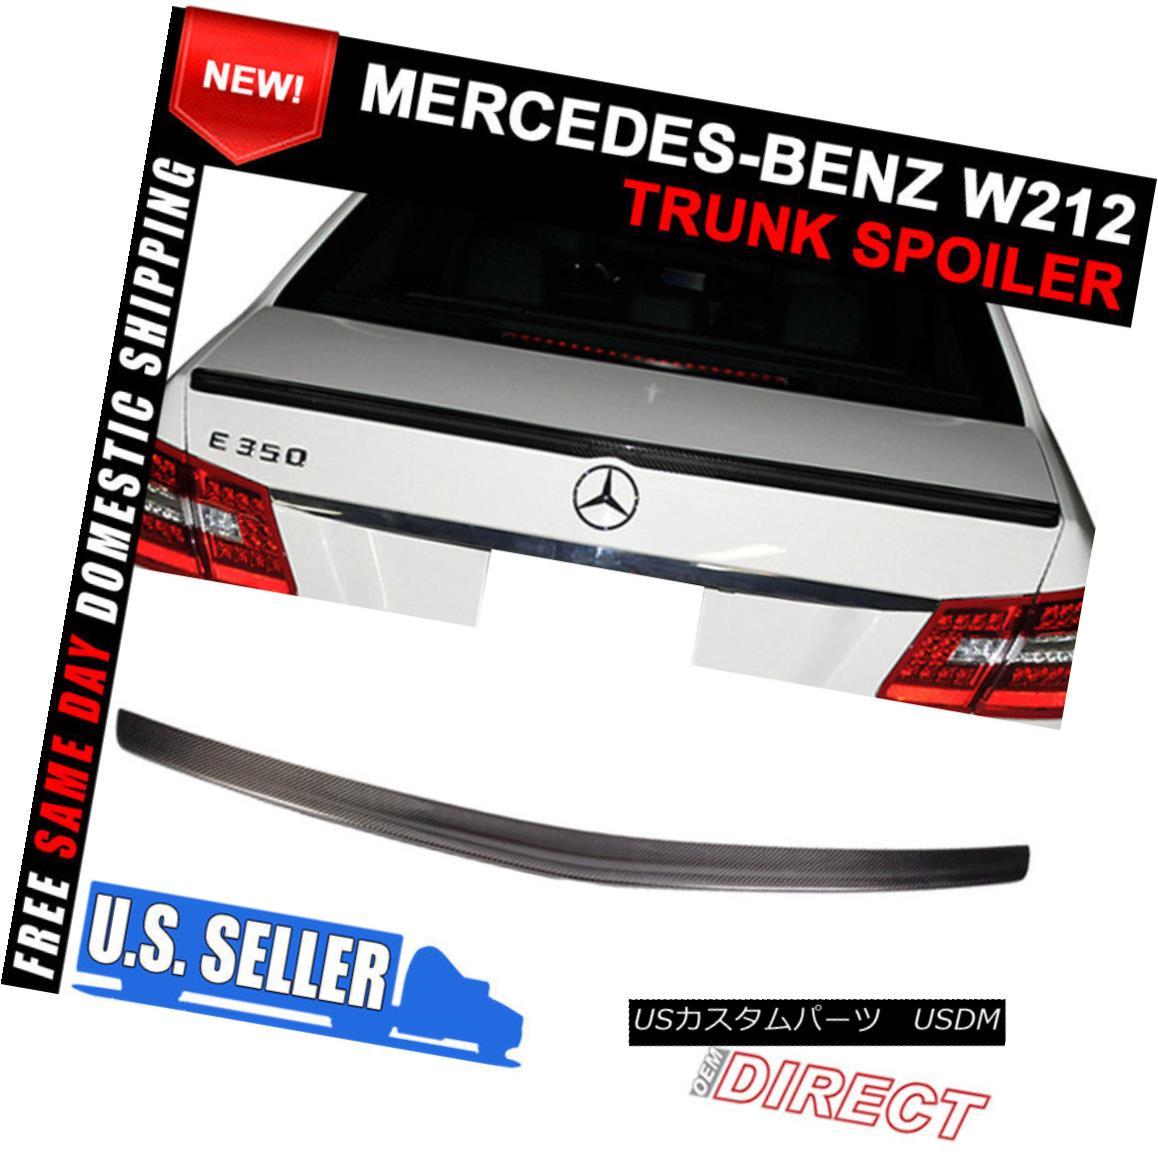 エアロパーツ 10-16 Benz E-Class W212 Sedan Rear Trunk Spoiler Wing Carbon Fiber CF 10-16ベンツEクラスW212セダンリアトランクスポイラーウィングカーボンファイバーCF